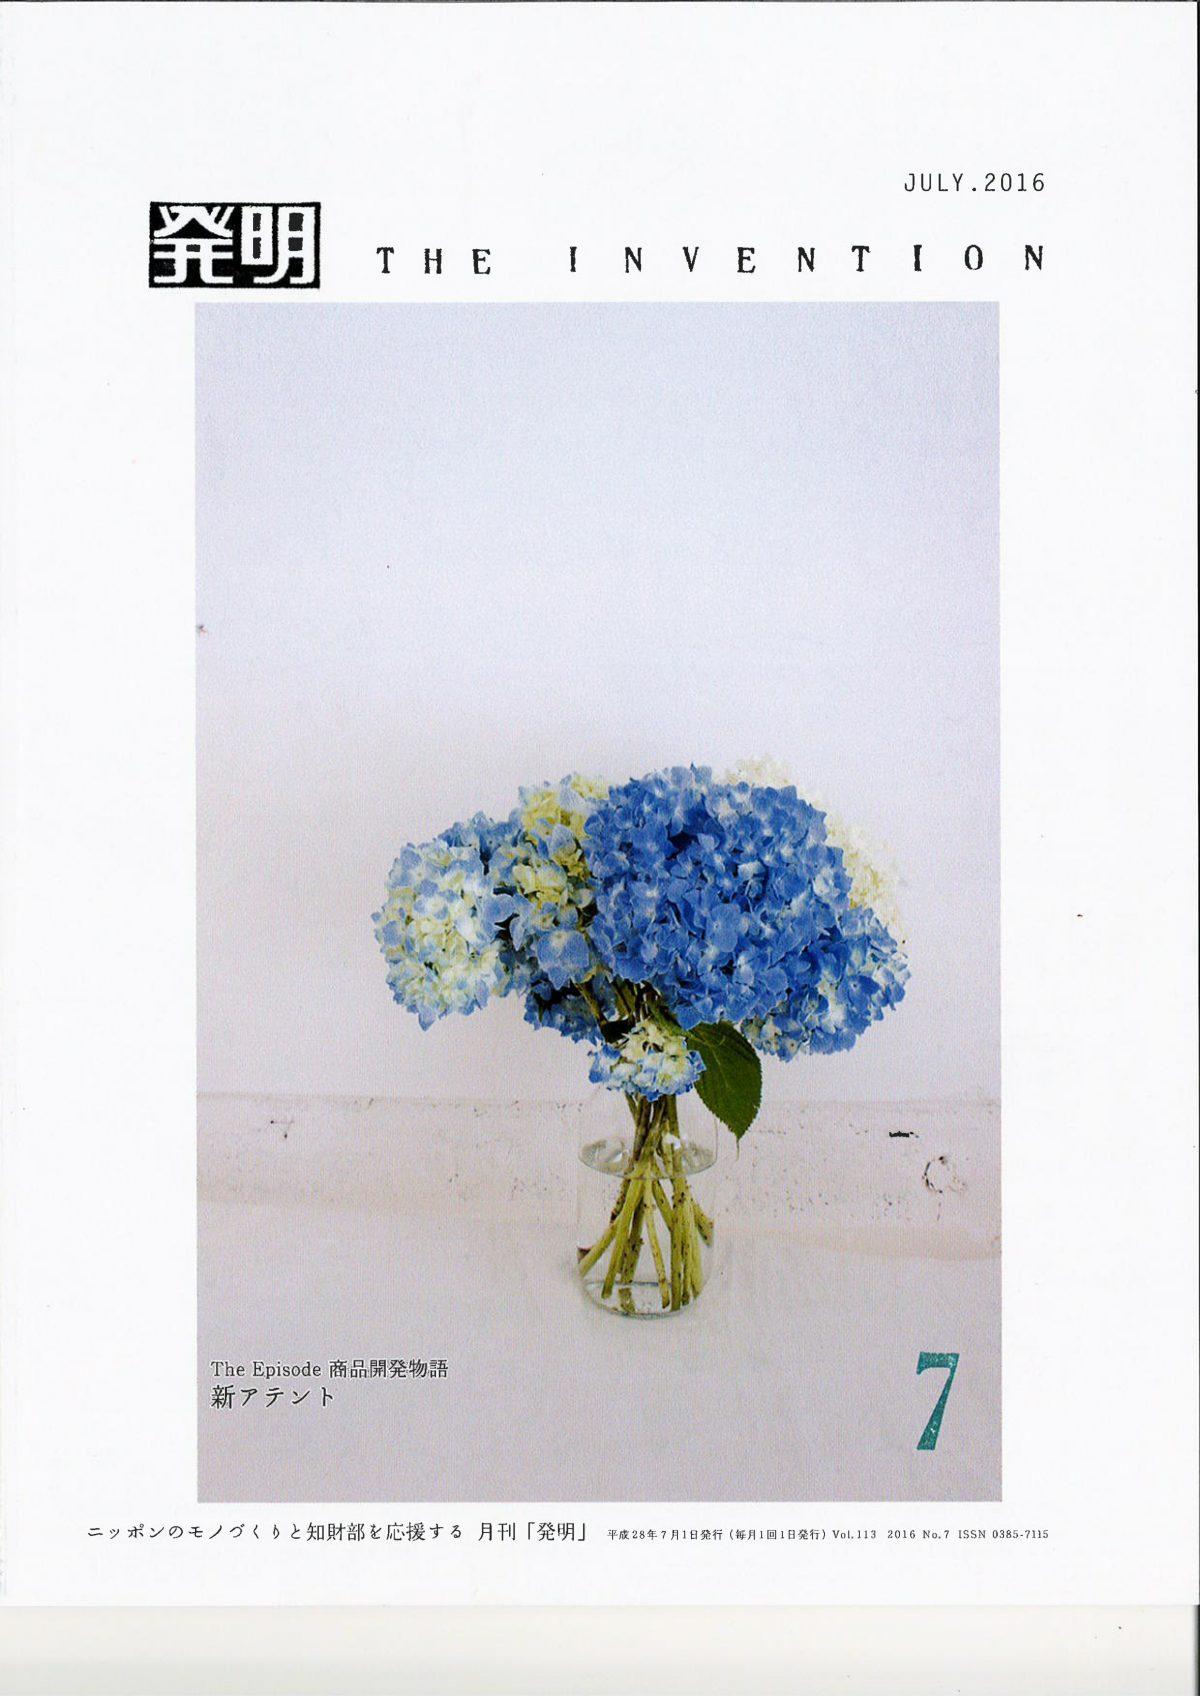 商品開発物語『介護に適した紙おむつ』ー発明7月号(月刊誌)に掲載!